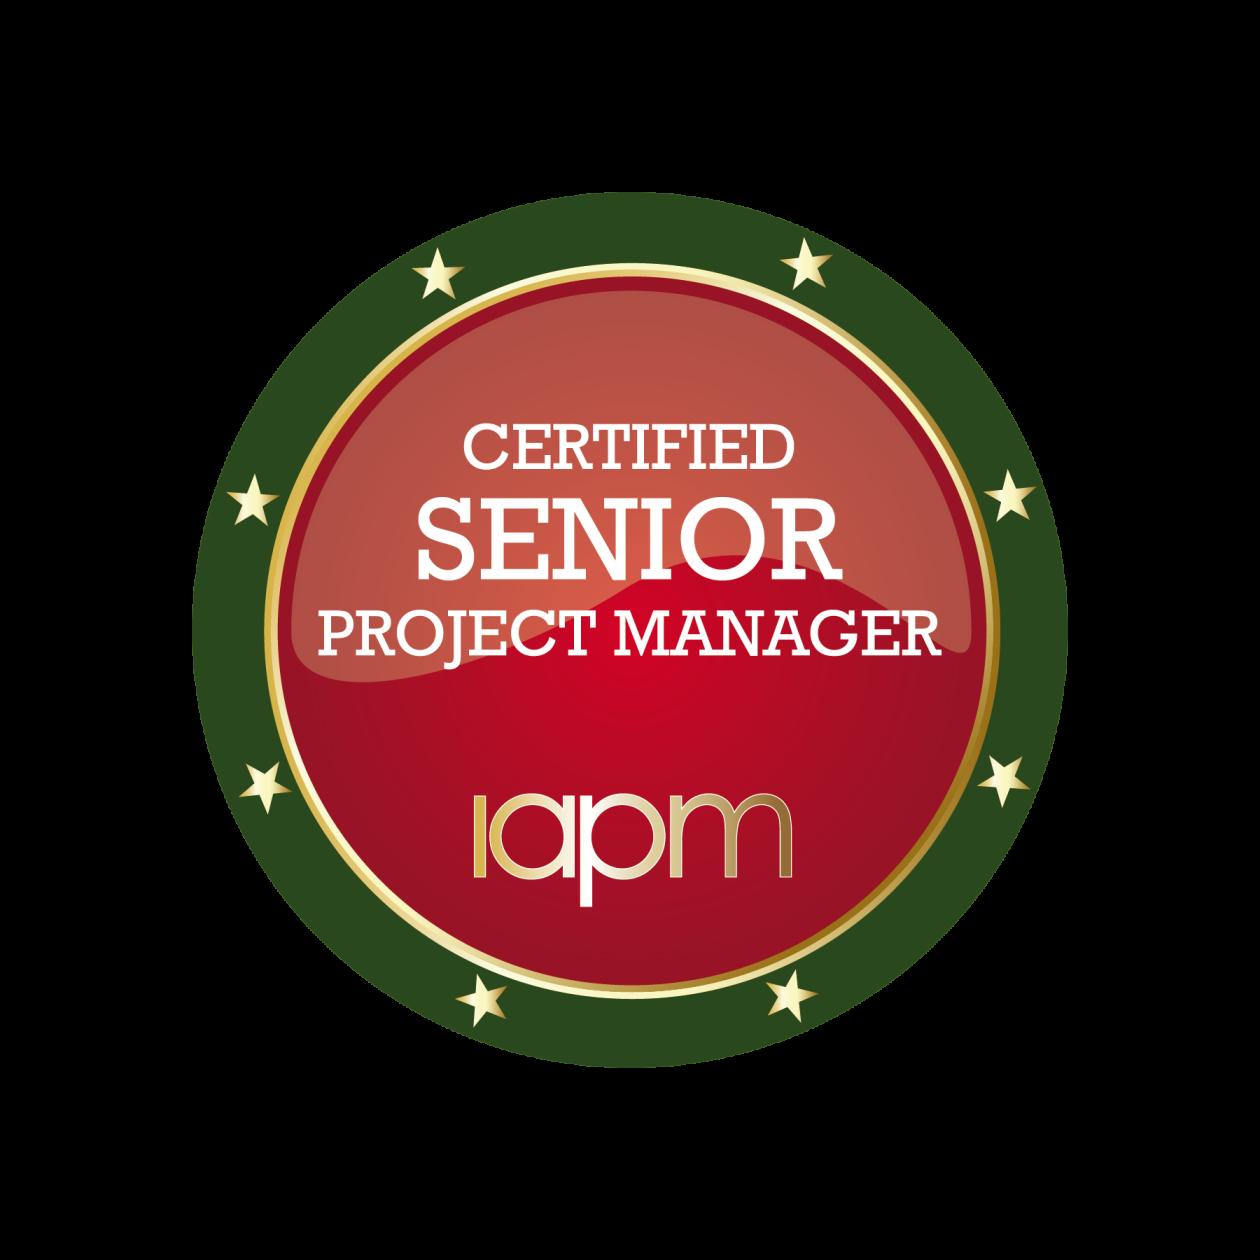 Alle Informationen rund um die Certified Senior Project Manager (IAPM) Zertifizierung